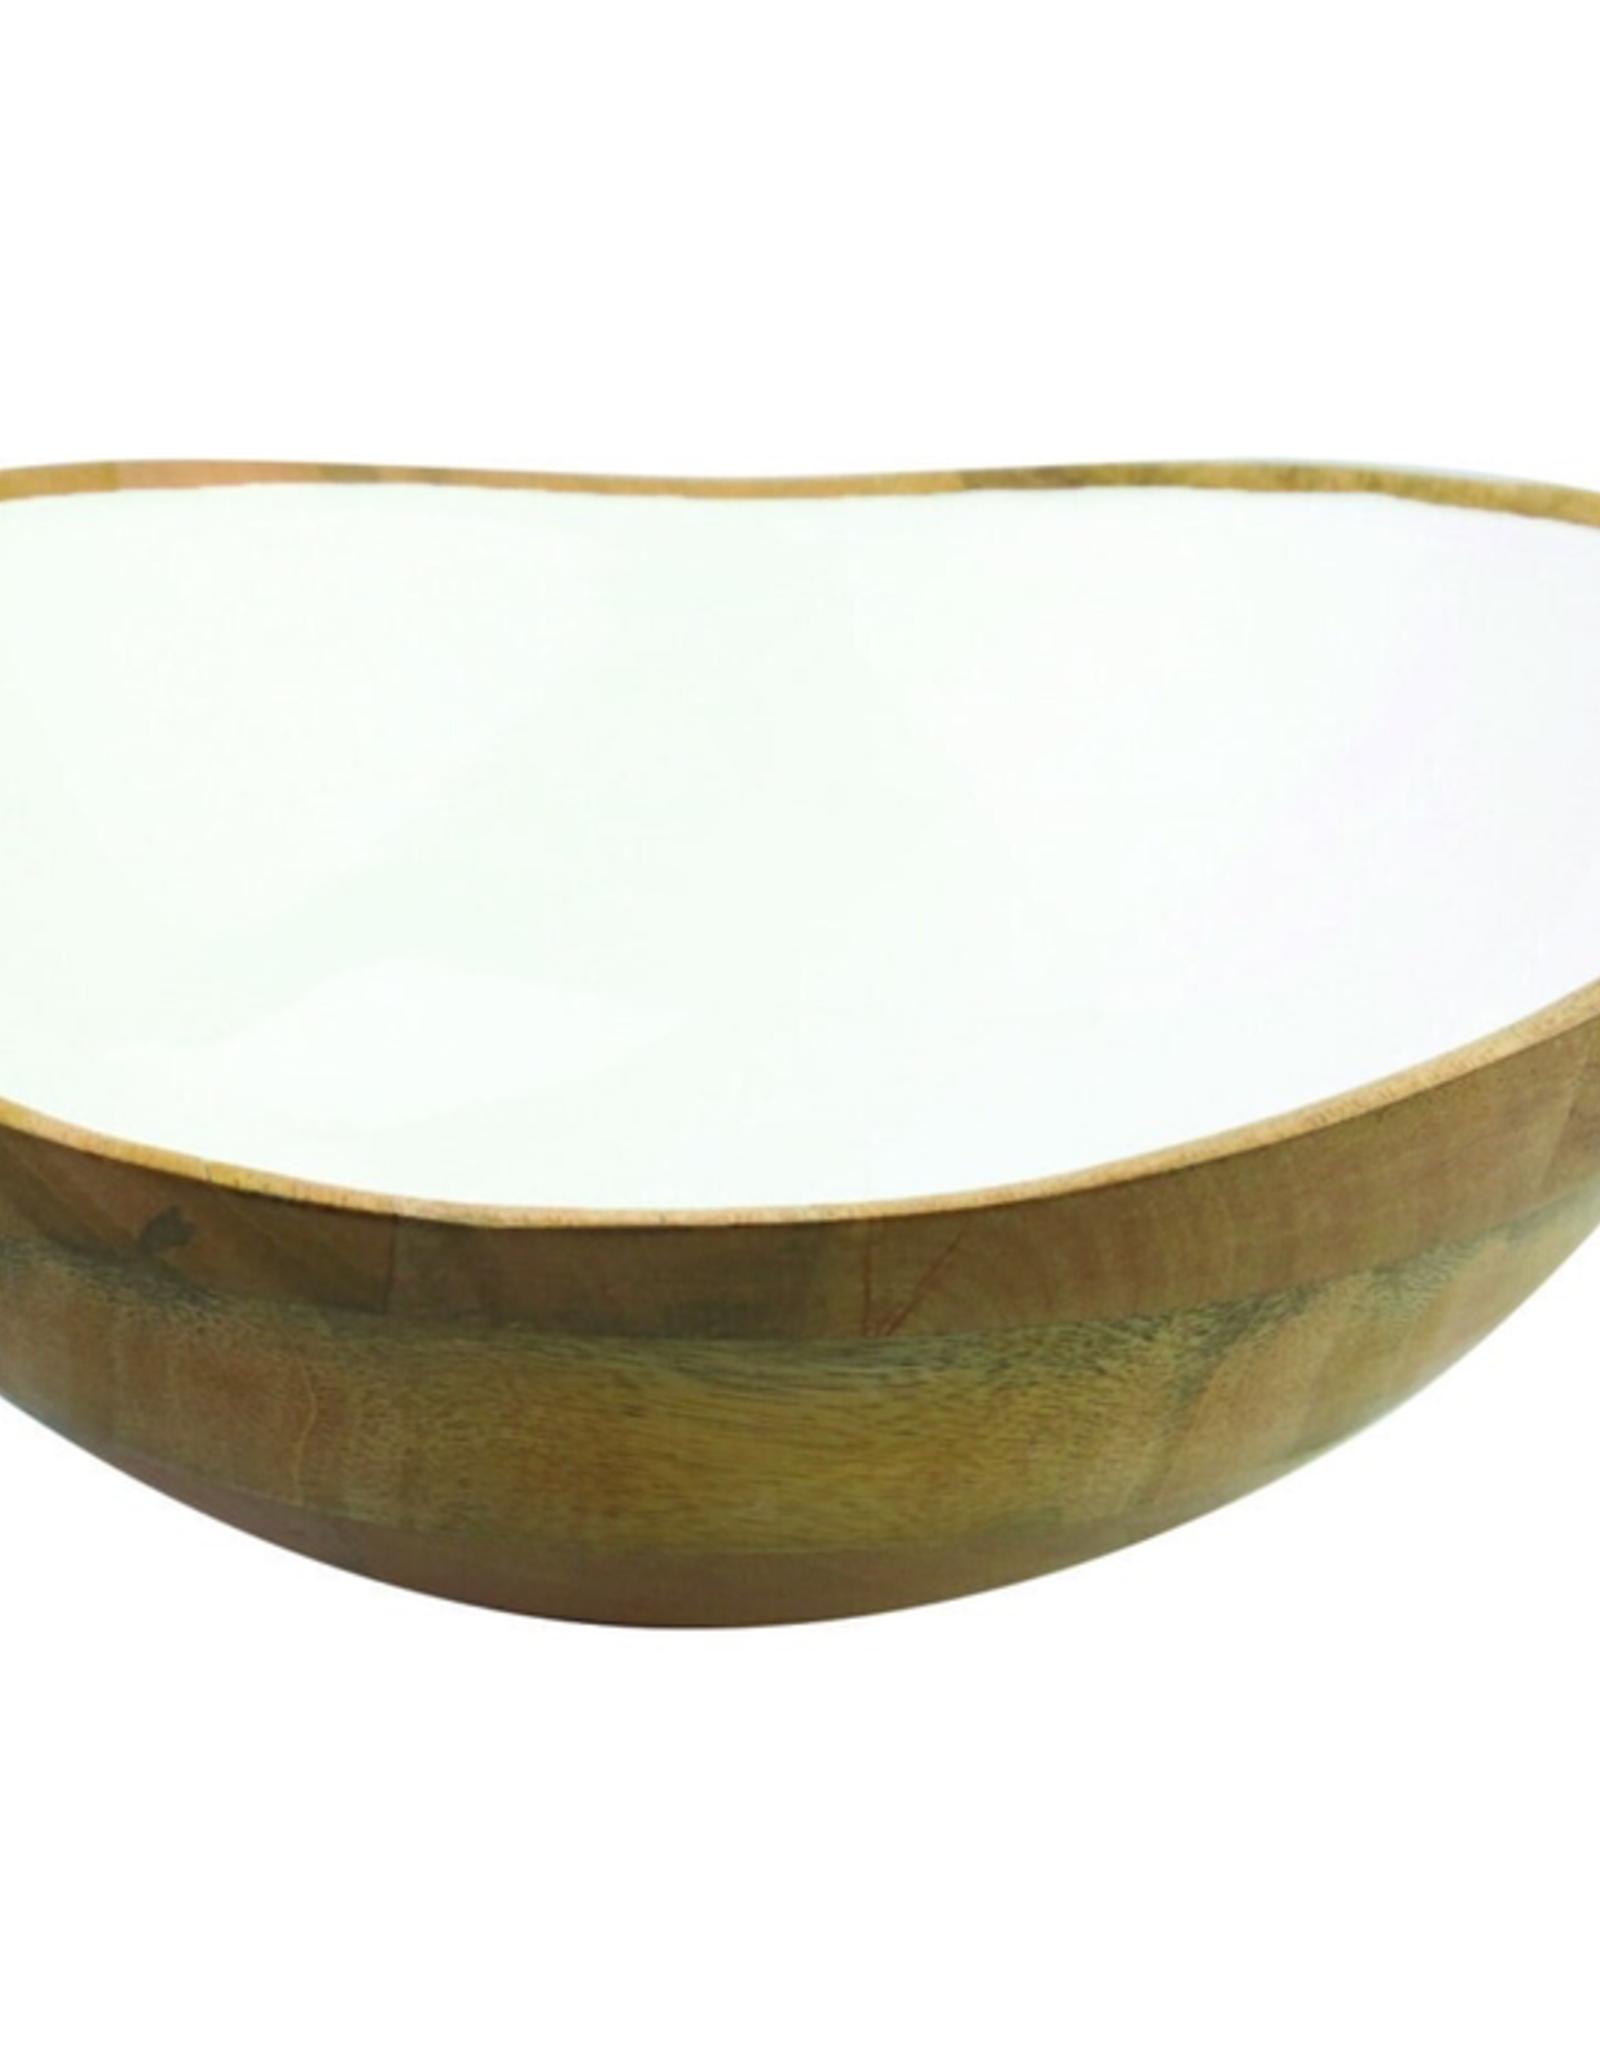 """Mango Wood & White Enamel. Bowl D11"""" H4"""""""